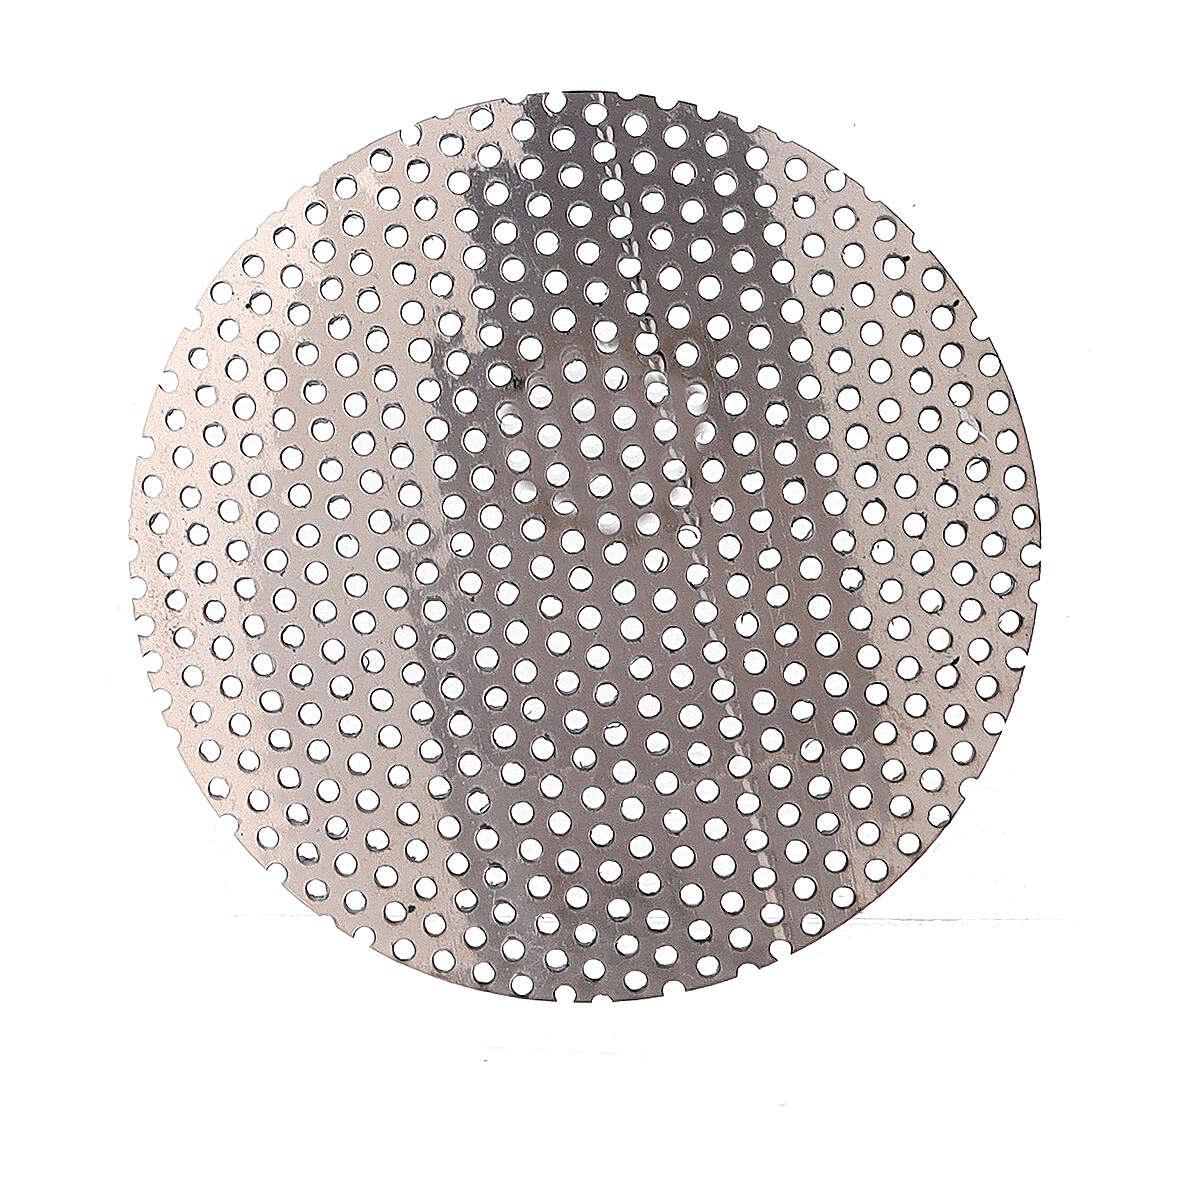 Ersatznetz fűr Weihrauchbrenner aus vernickeltem Messing, 5 cm 3